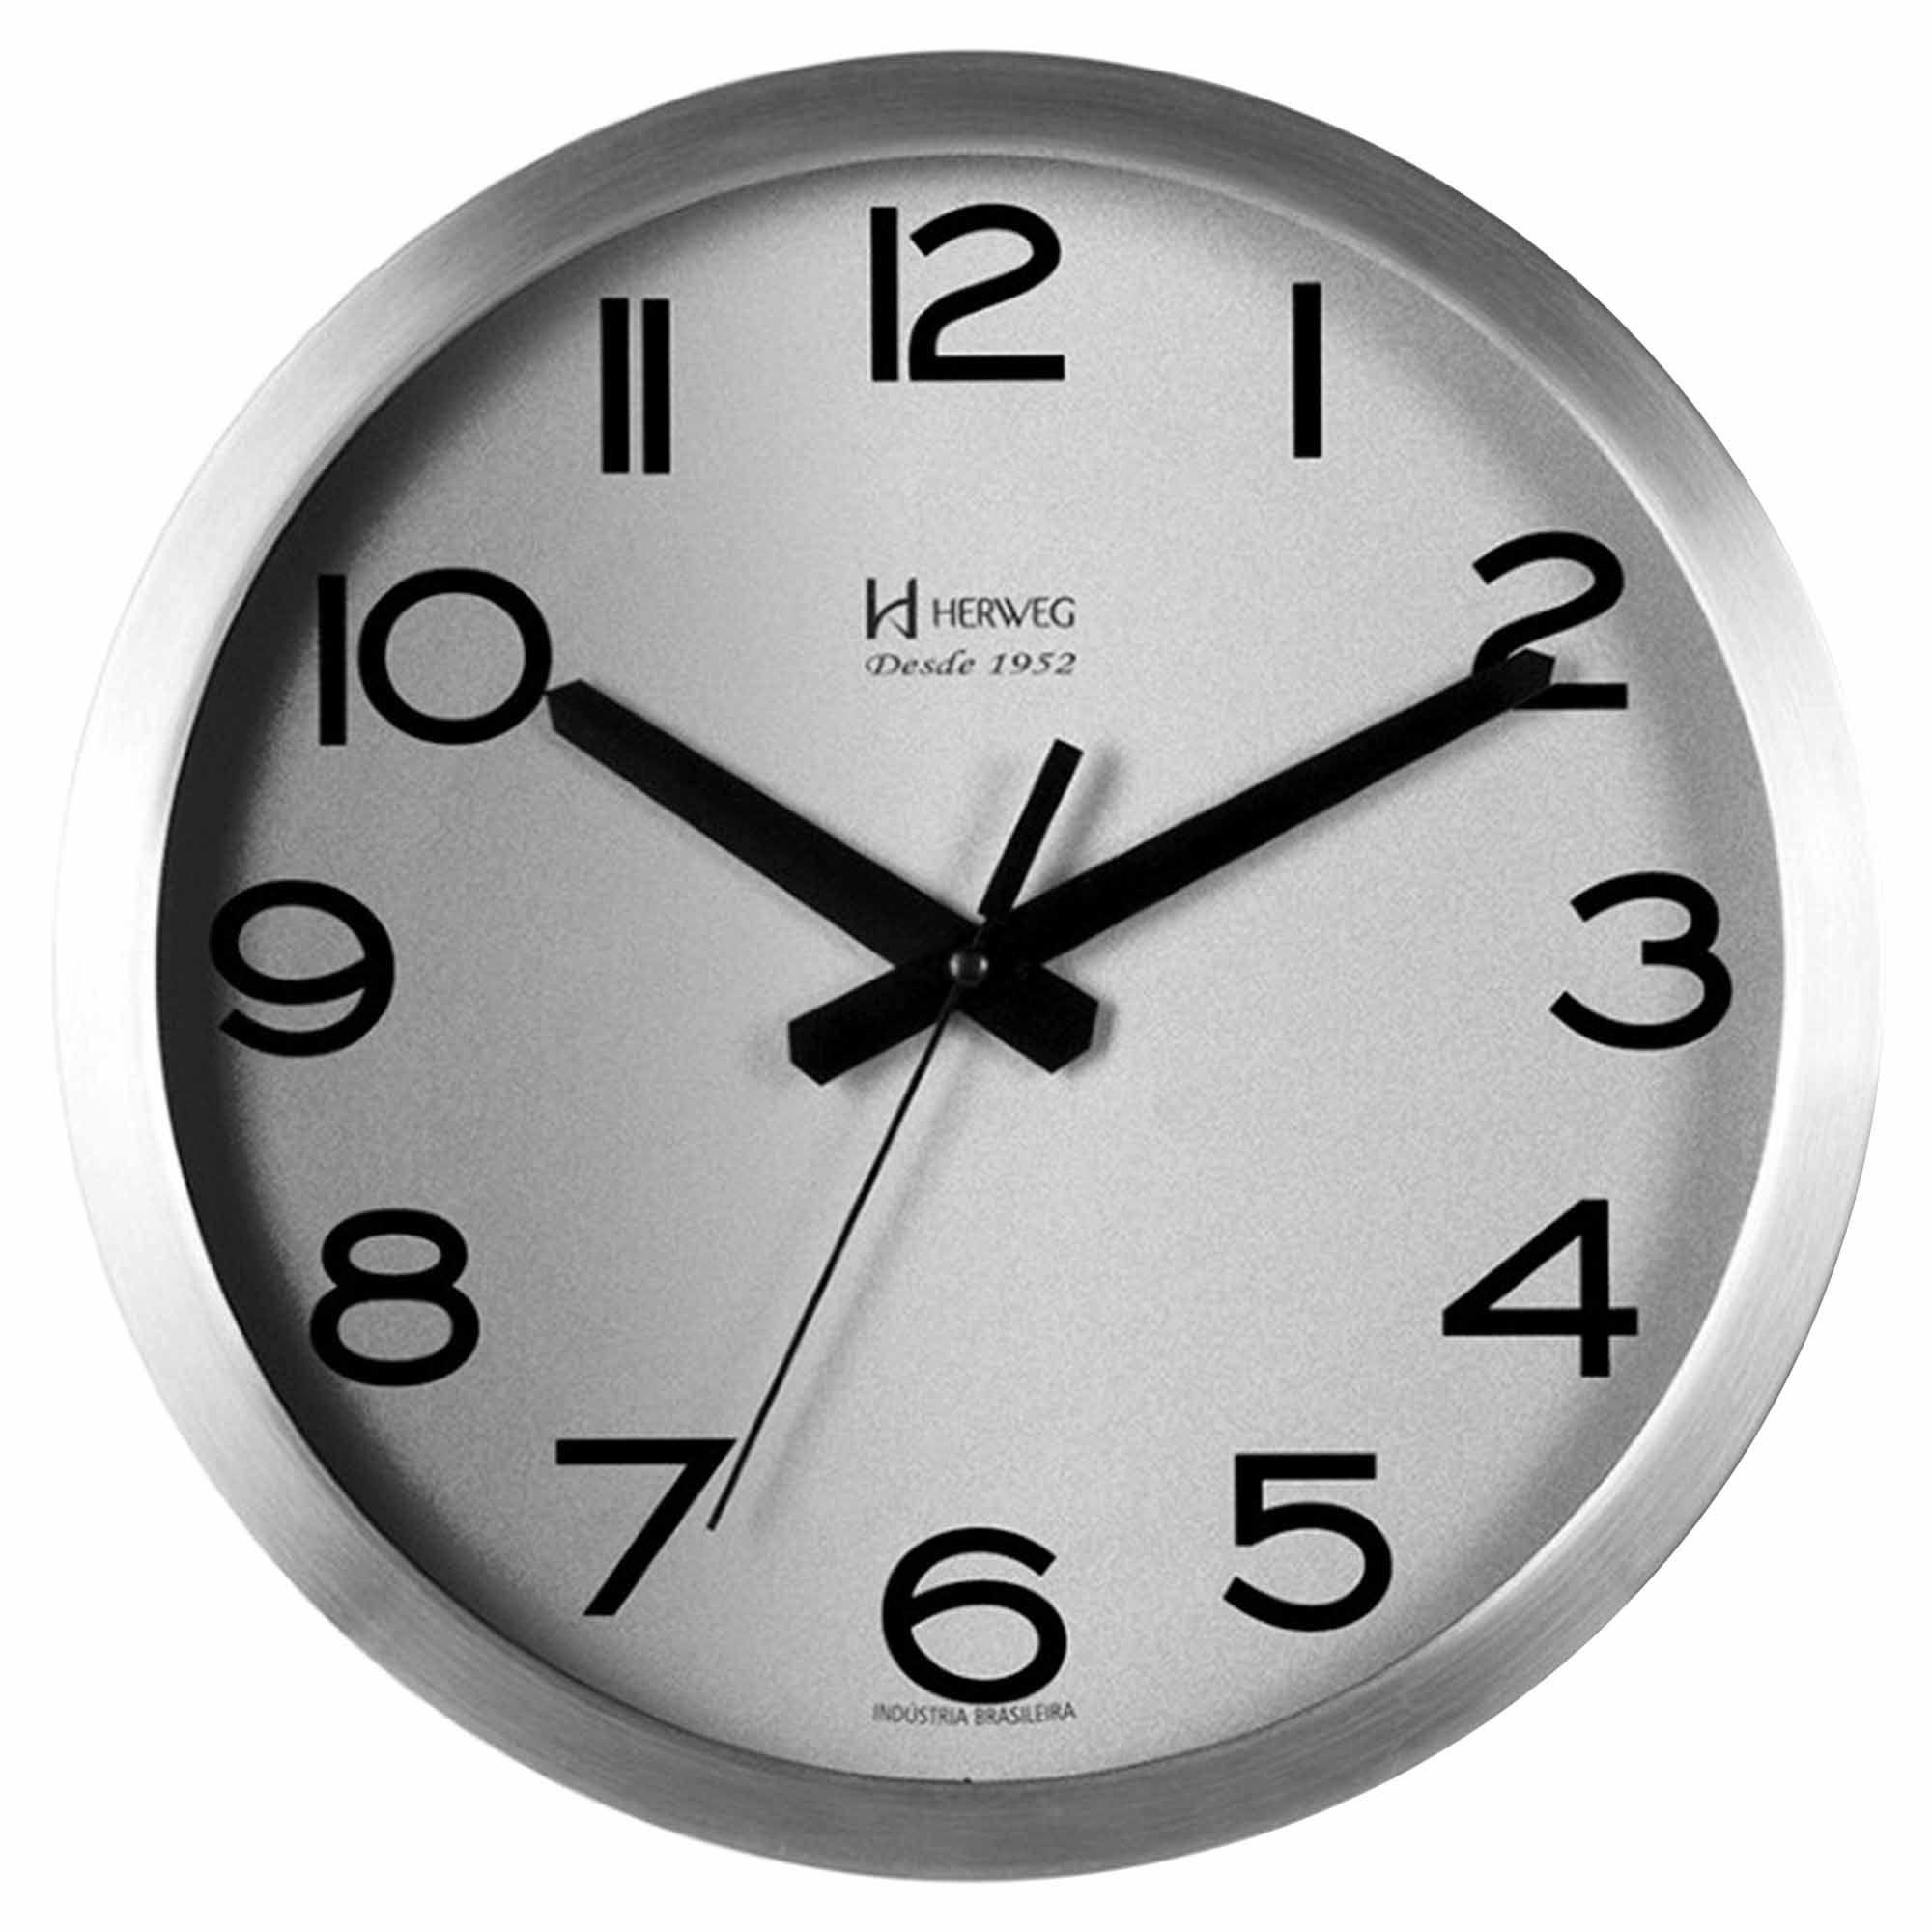 Relógio de Parede Analógico Herweg 6715 079 Alumínio